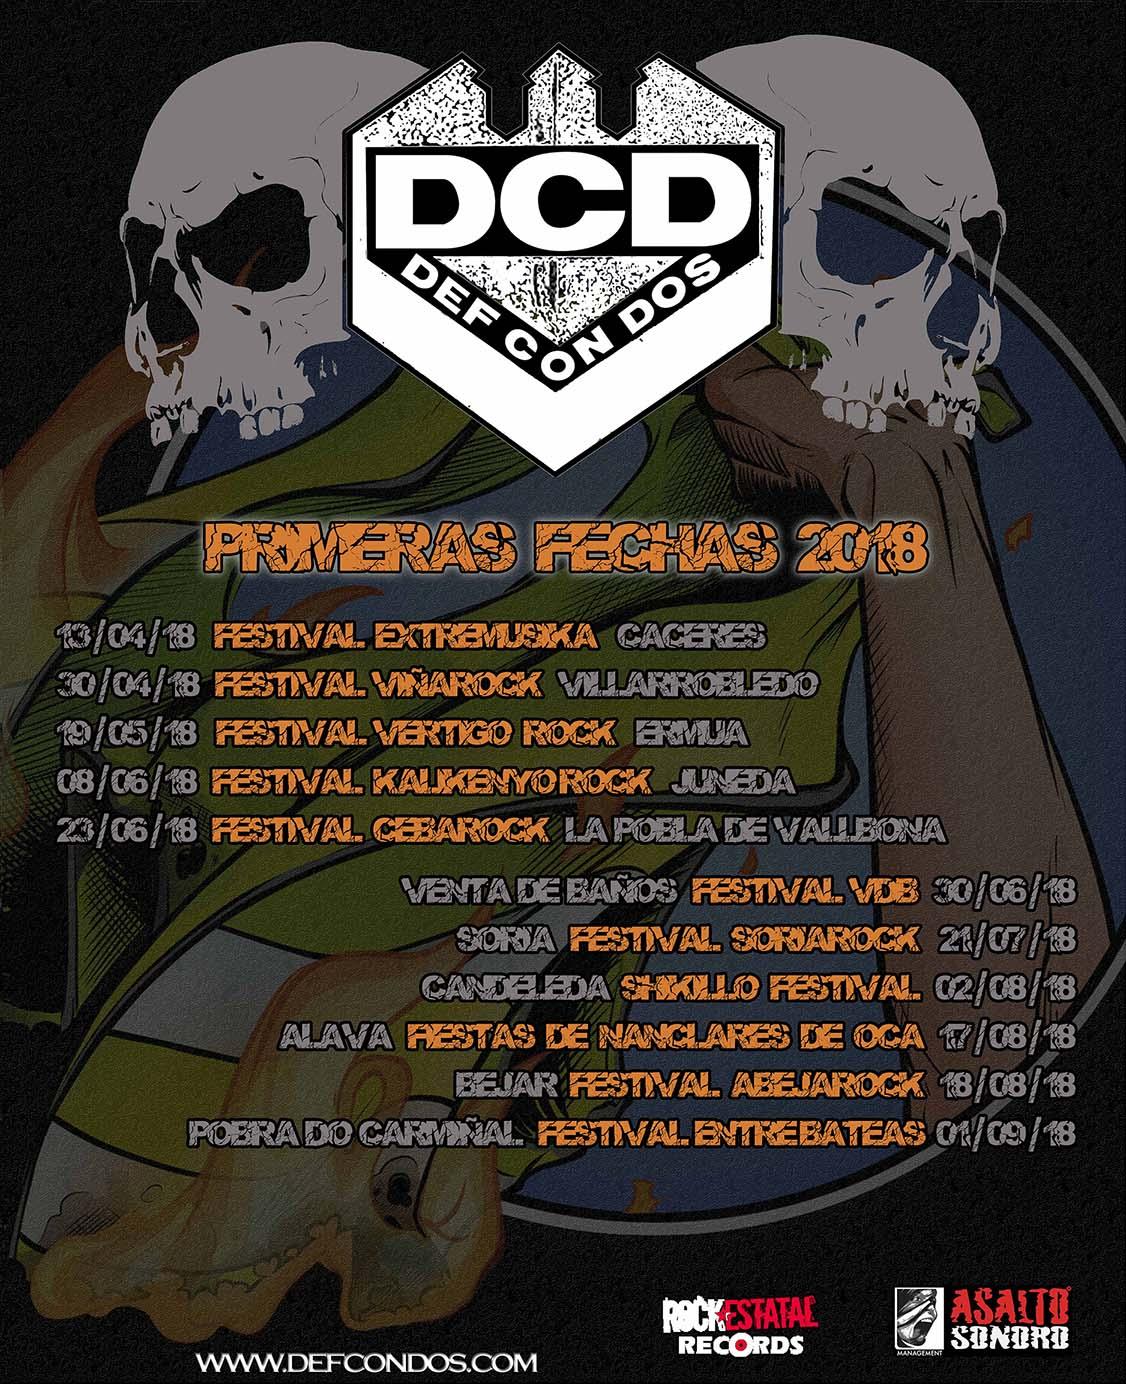 CARTEL DIGITAL DCD PRIMERAS FECHAS GIRA 2018 2